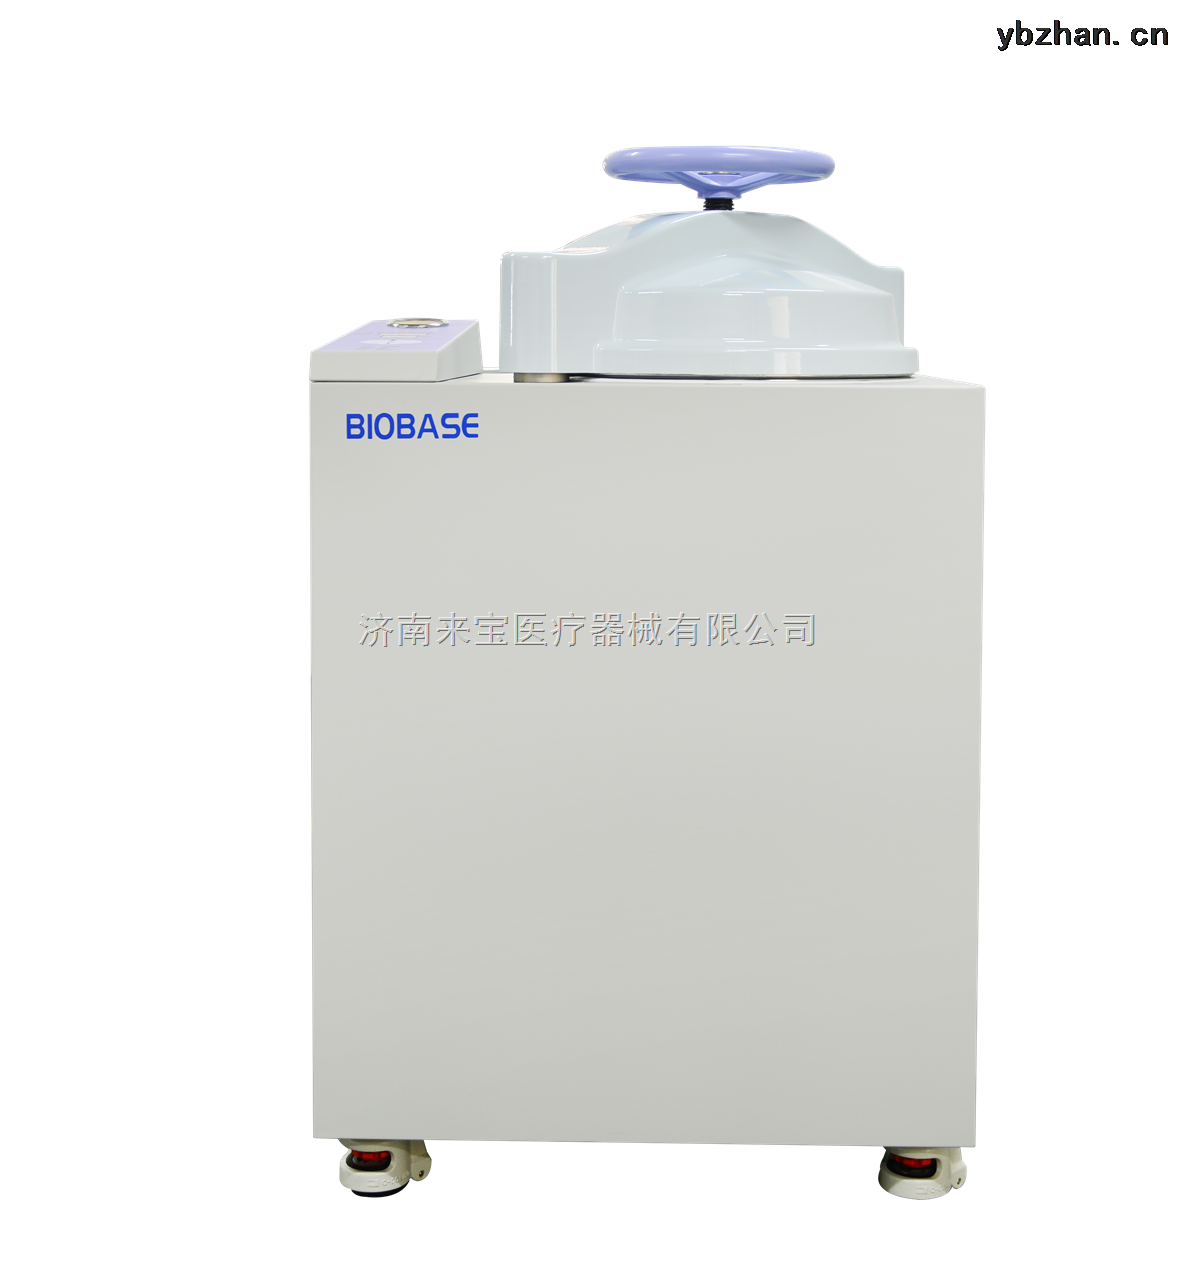 高压蒸汽灭菌器生产厂家